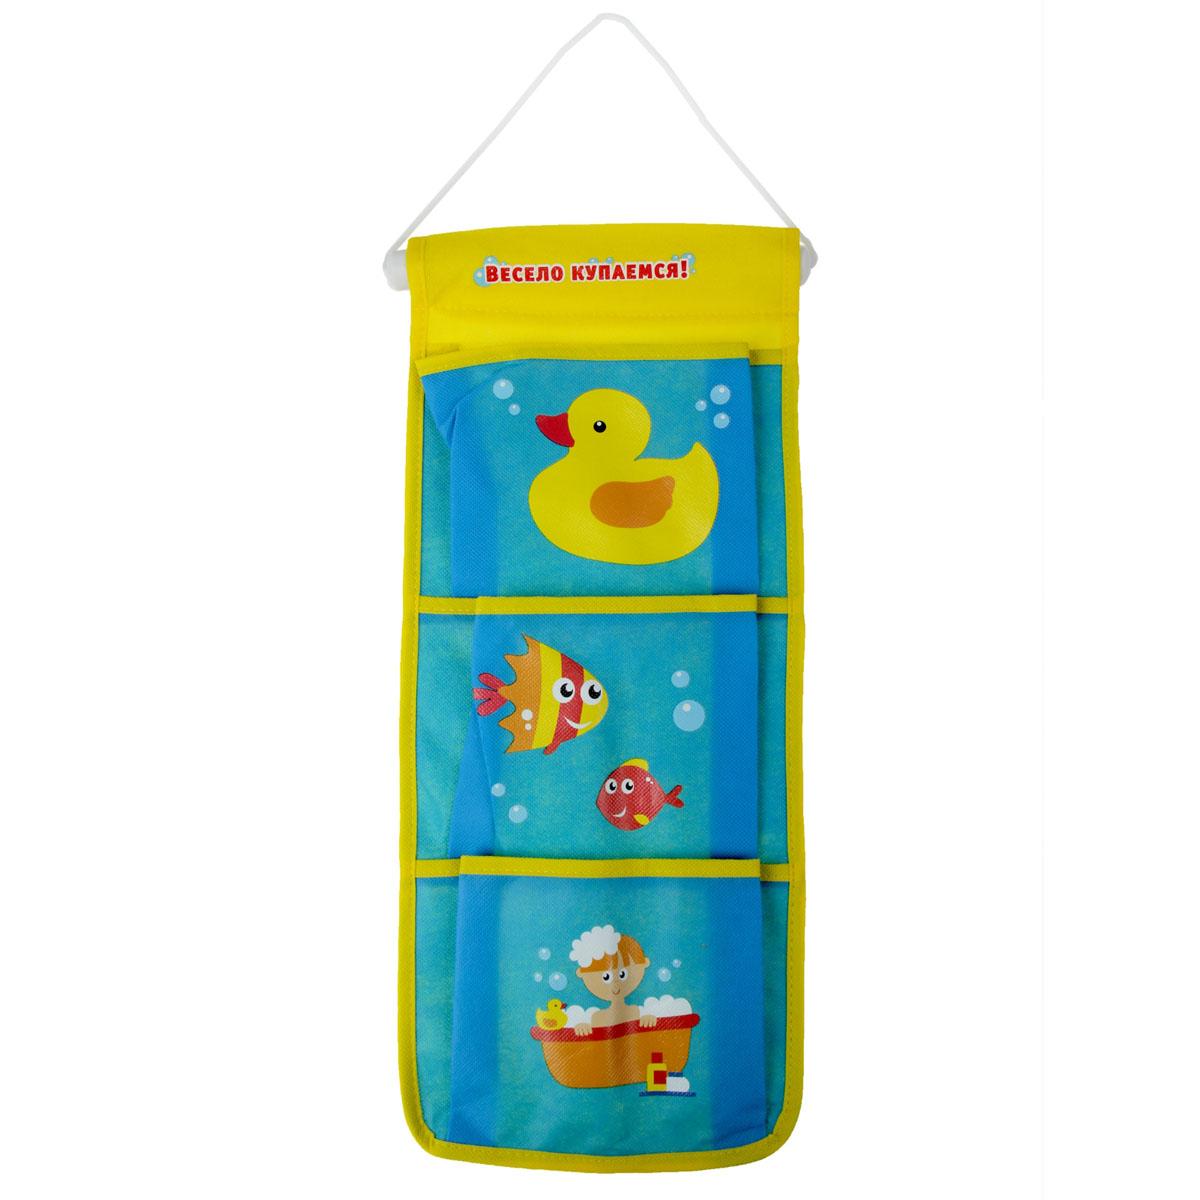 Кармашки на стену Sima-land Весело купаемся!, цвет: желтый, голубой, коричневый, 3 шт838299Кармашки на стену Sima-land «Весело купаемся!», изготовленные из текстиля и пластика, предназначены для хранения необходимых вещей, множества мелочей в гардеробной, ванной, детской комнатах. Изделие представляет собой текстильное полотно с пятью пришитыми кармашками. Благодаря пластмассовой планке и шнурку, кармашки можно подвесить на стену или дверь в необходимом для вас месте. Кармашки декорированы изображениями купающегося малыша, утки, рыбок и надписью «Весело купаемся!». Этот нужный предмет может стать одновременно и декоративным элементом комнаты. Яркий дизайн, как ничто иное, способен оживить интерьер вашего дома.